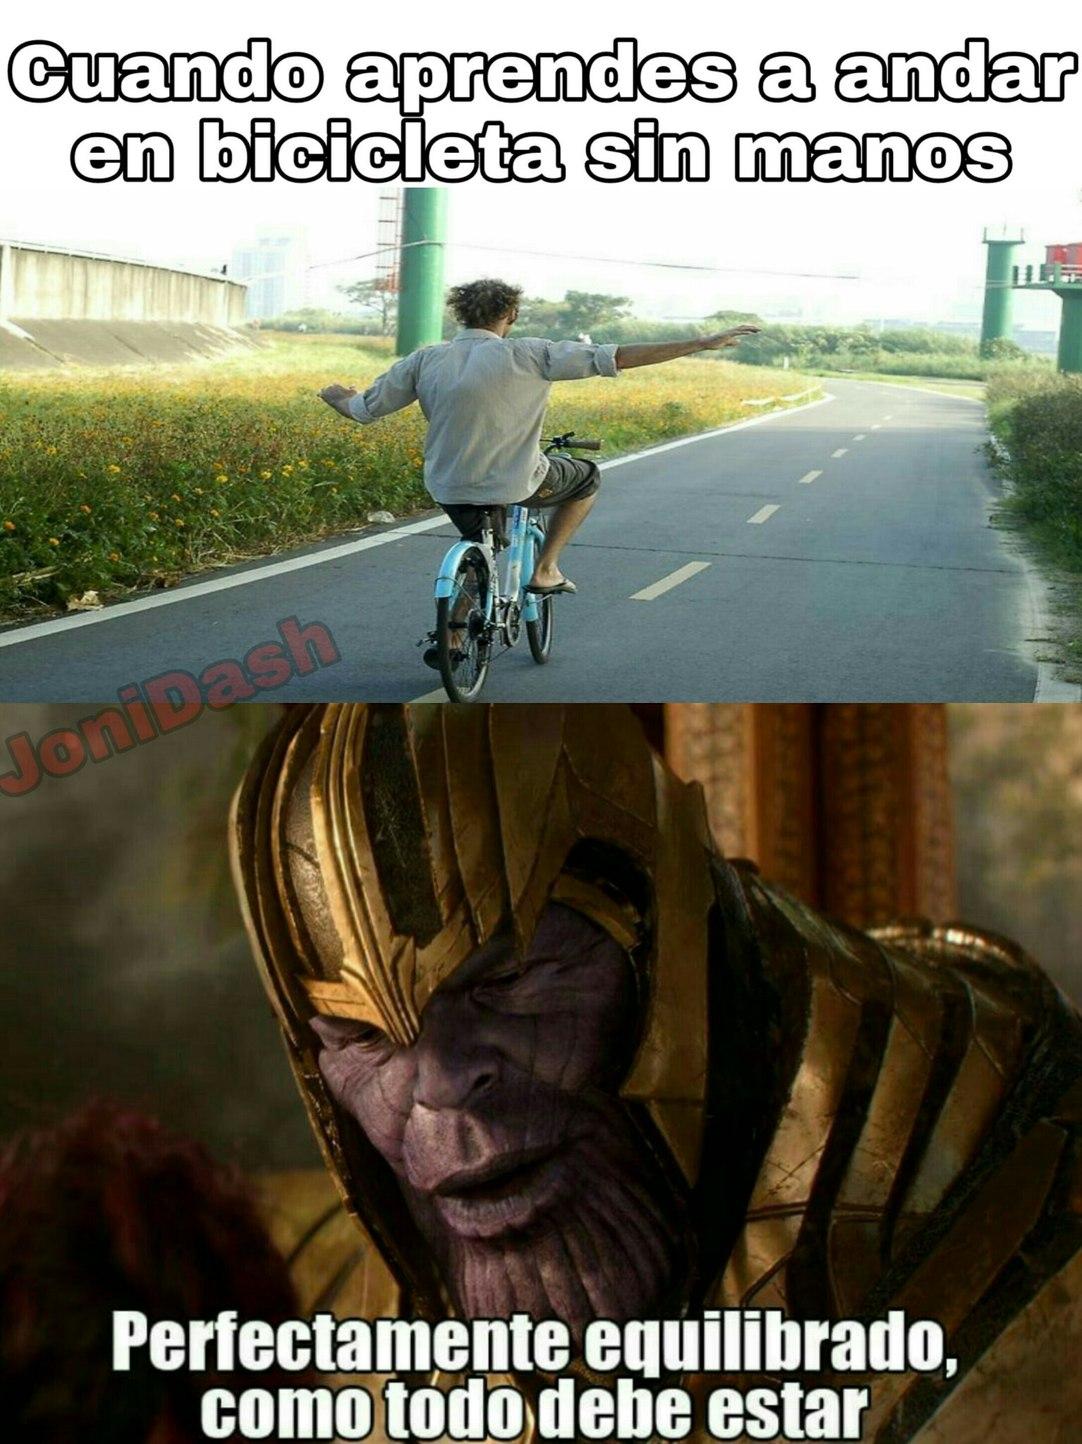 Equilibrio perfecto - meme